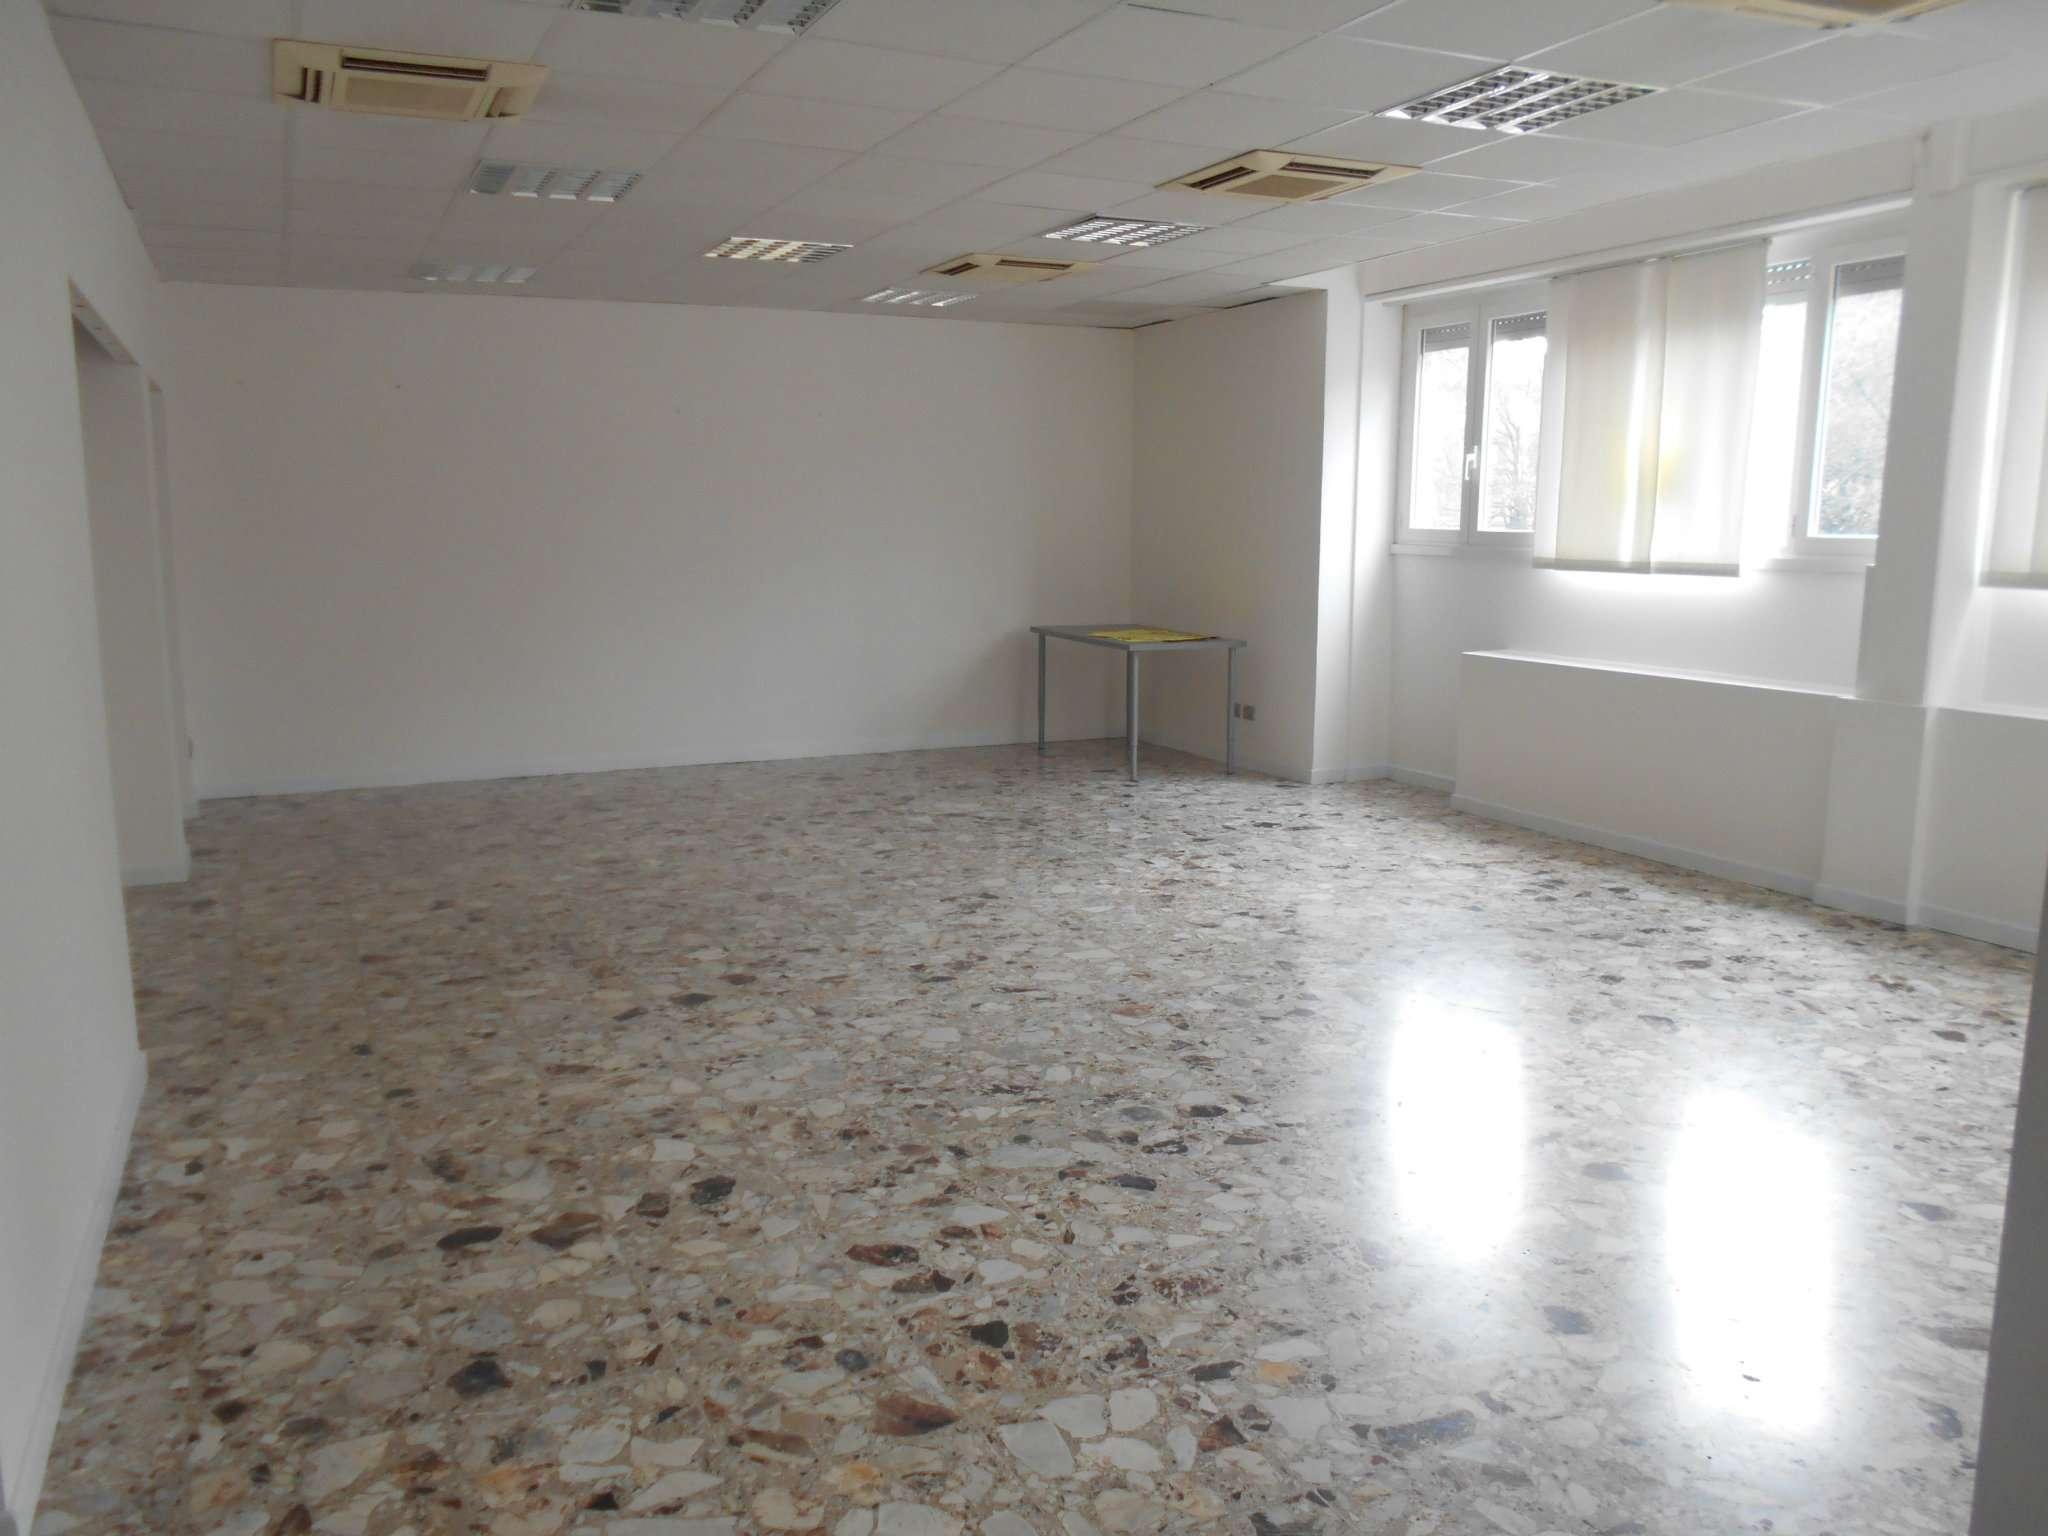 Ufficio / Studio in affitto a Pavia, 1 locali, prezzo € 900 | CambioCasa.it